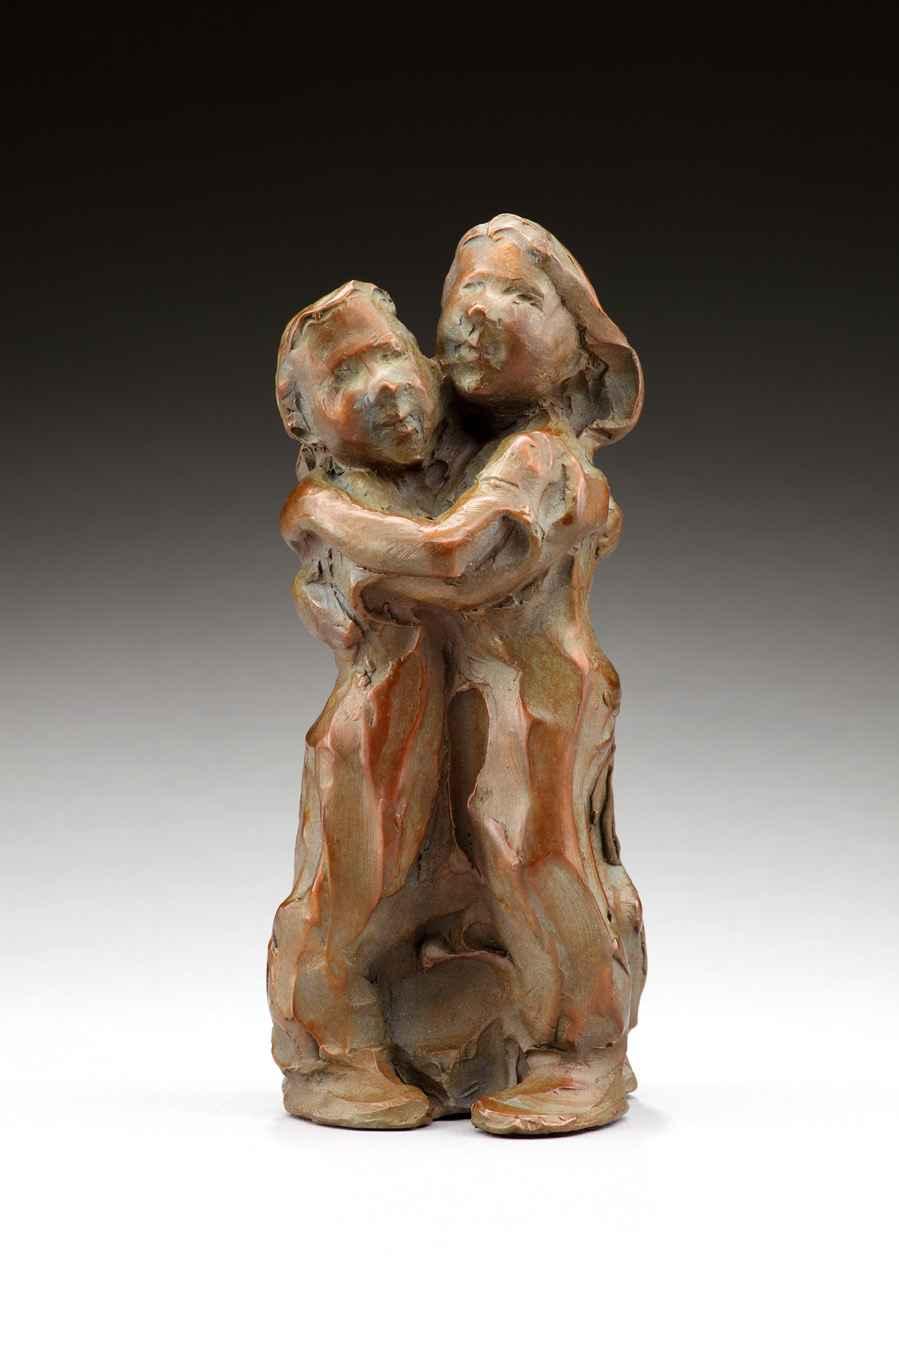 Hug O War 7/17 by Ms. Jane DeDecker - Masterpiece Online